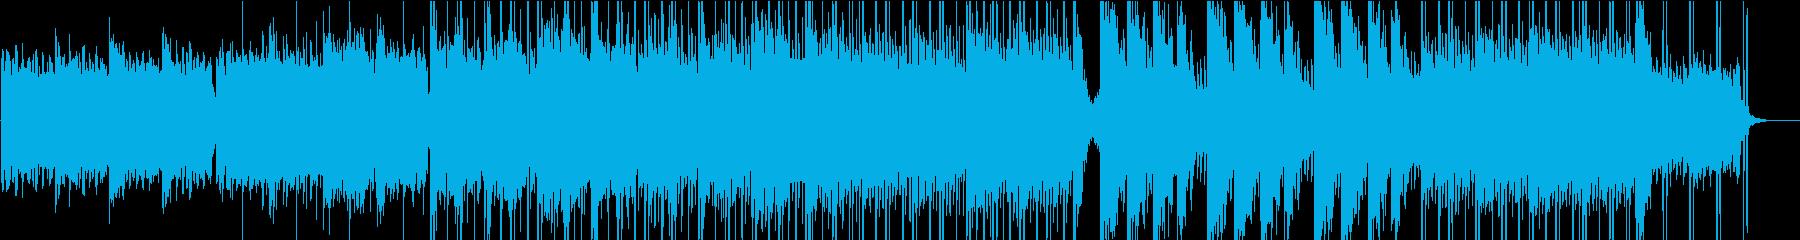 壮大で感動的の再生済みの波形